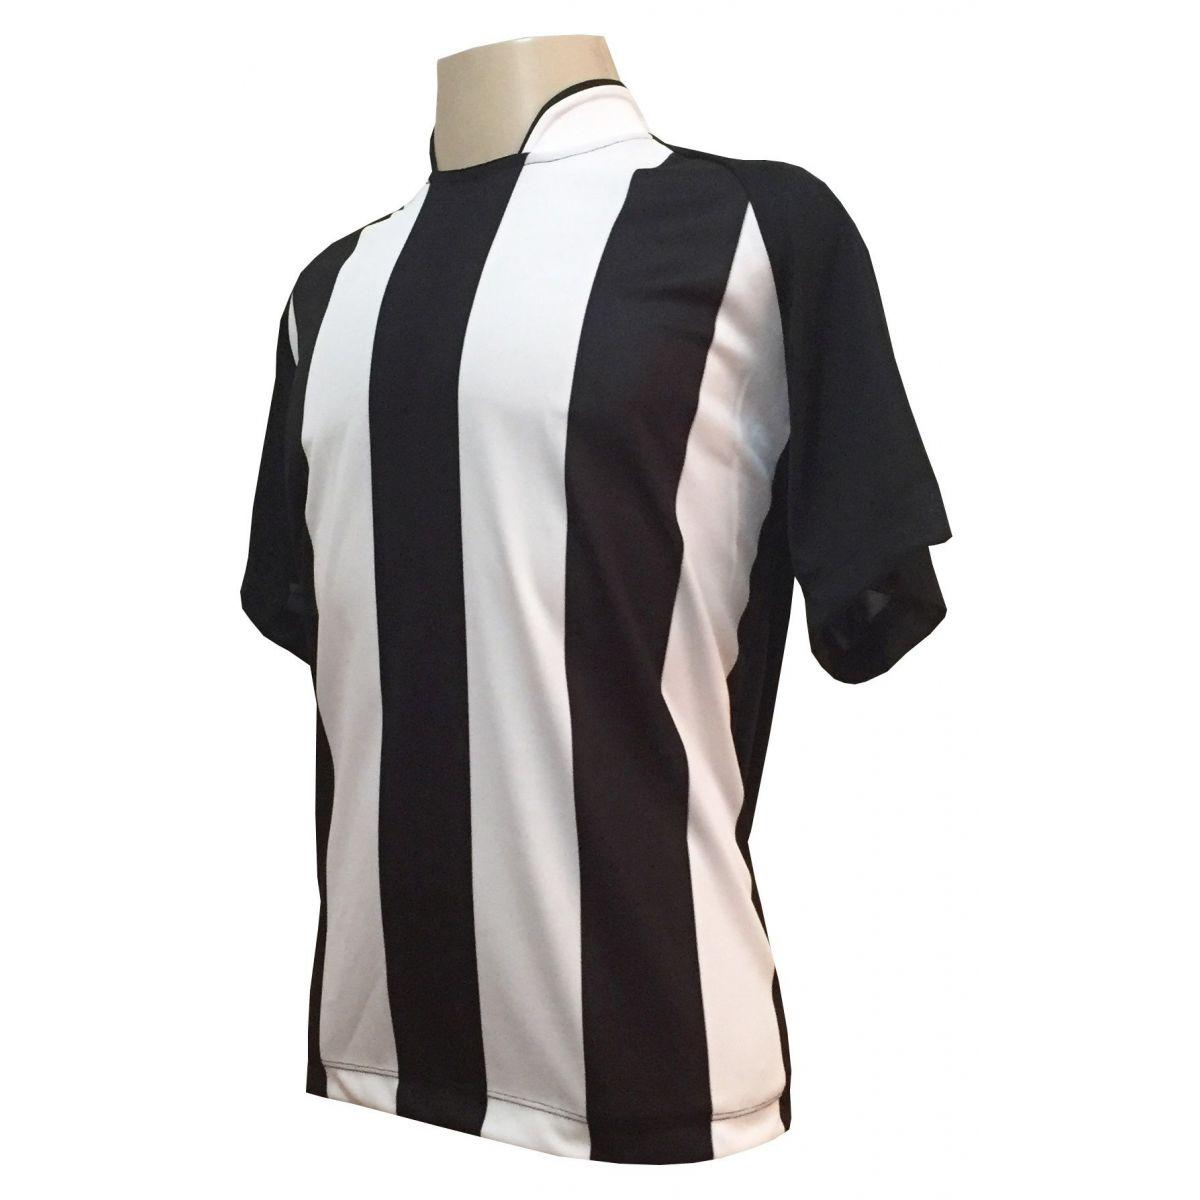 Uniforme Esportivo com 12 Camisas modelo Milan Preto/Branco + 12 Calções modelo Madrid Branco